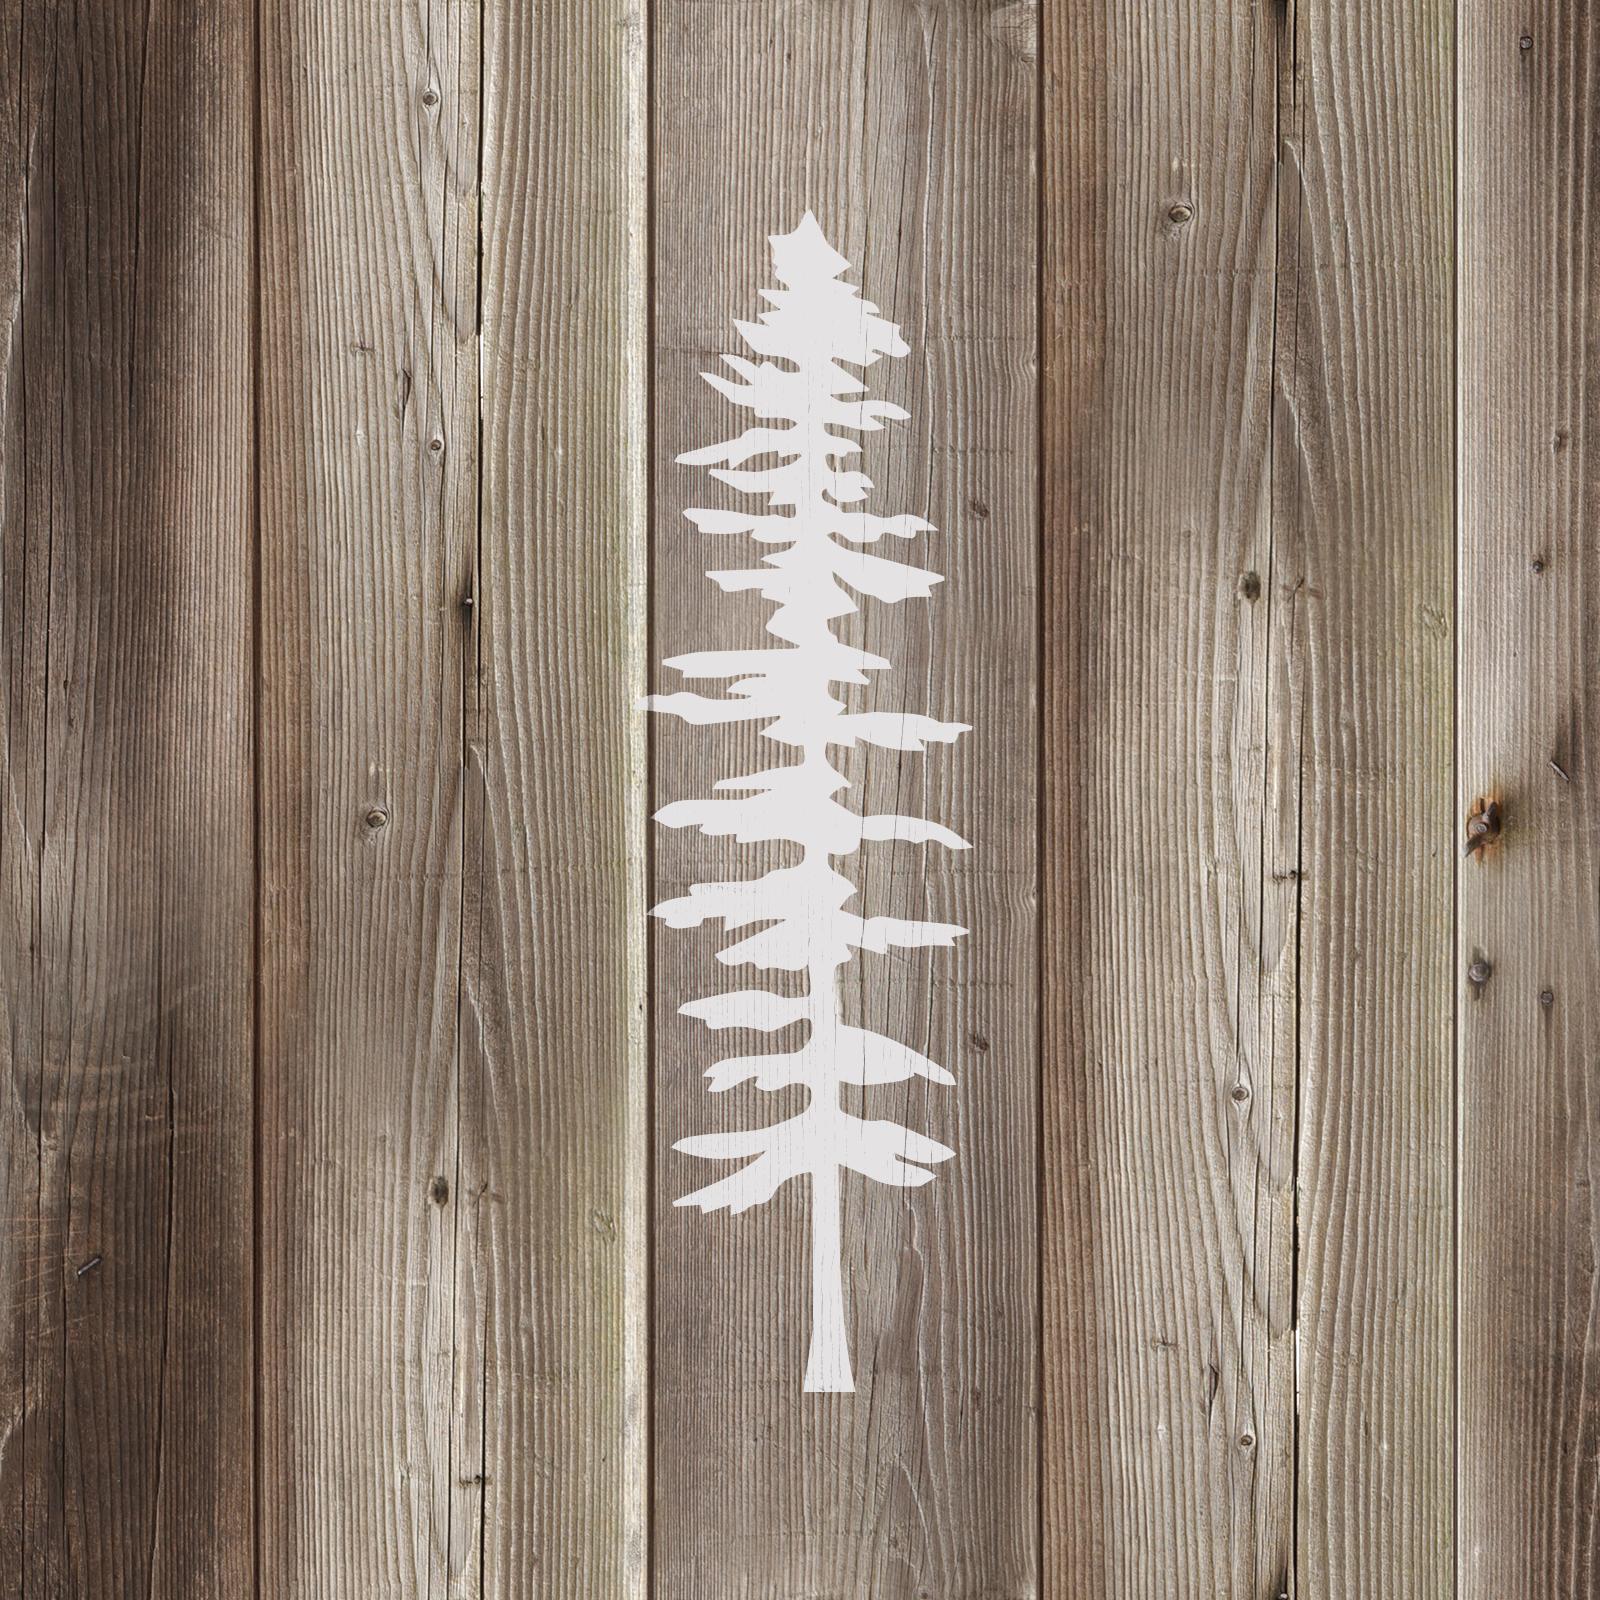 Tall Fir Tree Stencil - Durable & Reusable Mylar Stencils